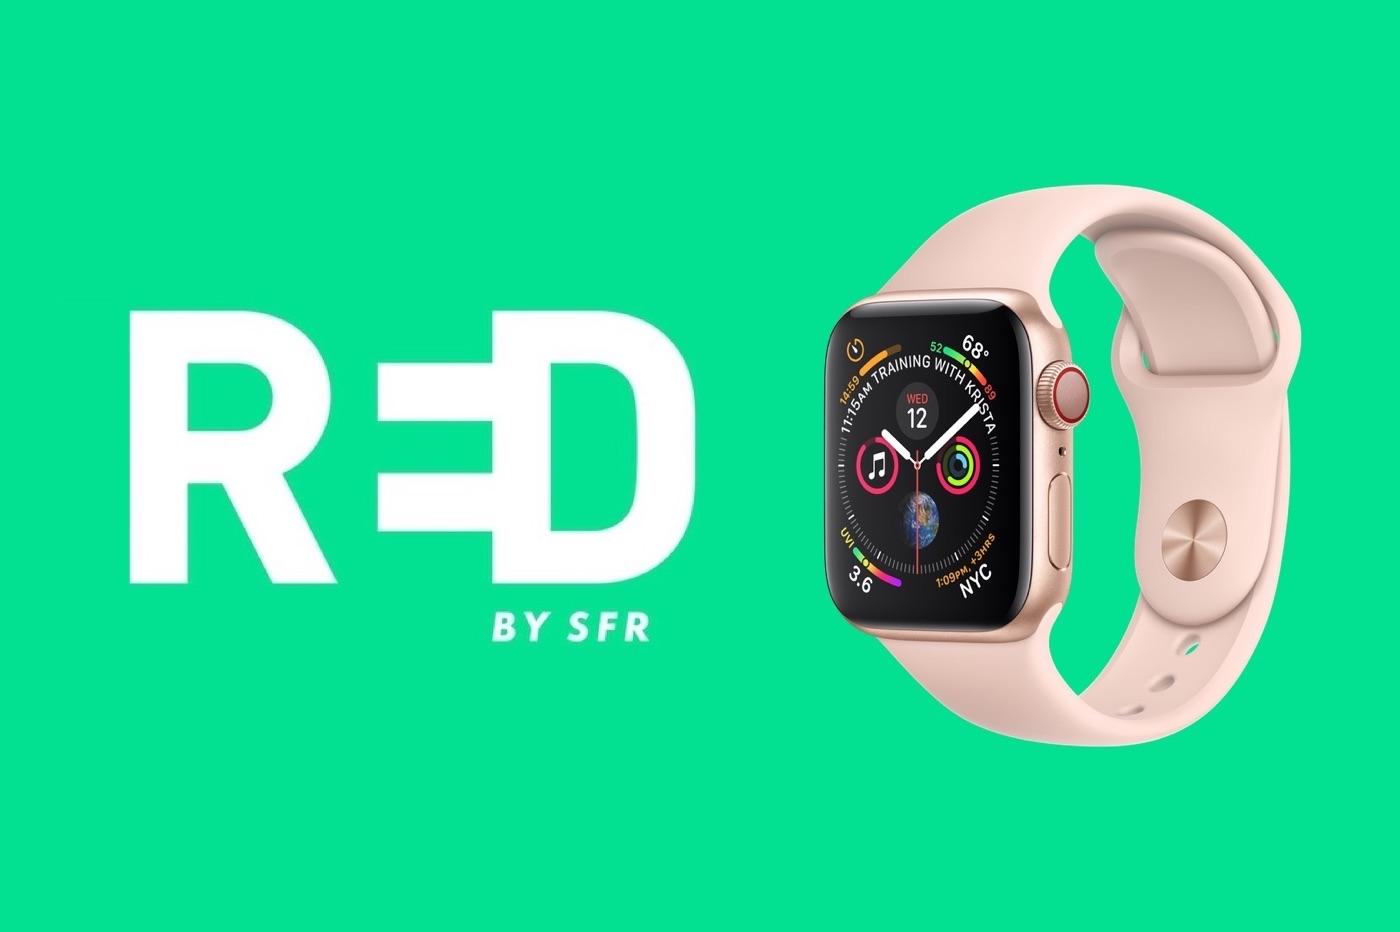 L'option eSIM pour Apple Watch disponible chez SFR et RED by SFR 1